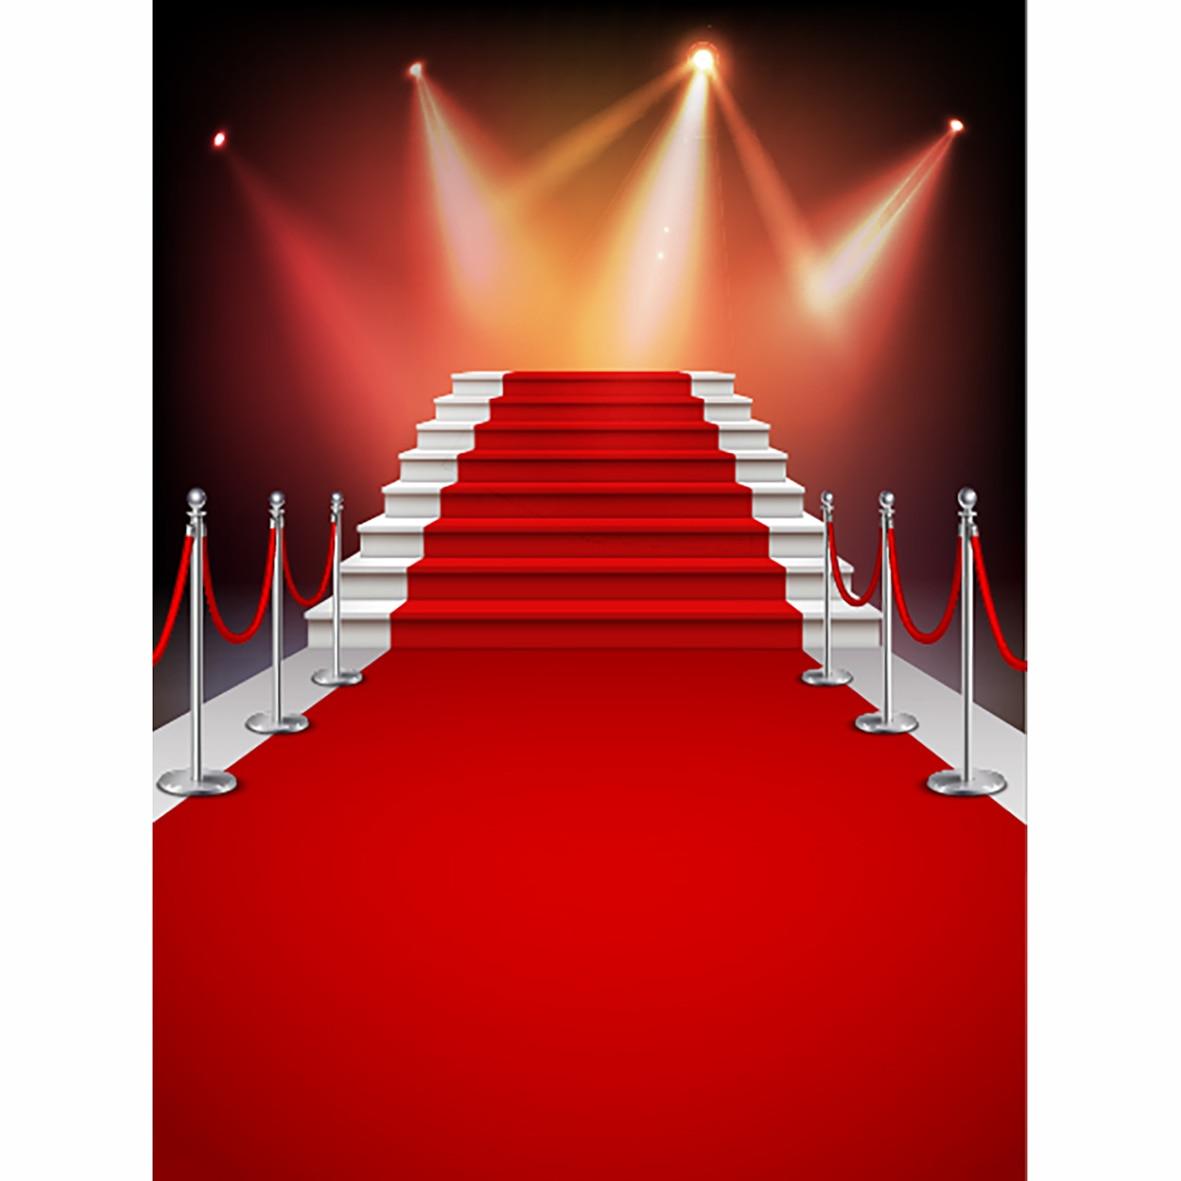 allenjoy photographie toile de fond blanc escaliers tapis rouge fond realiste photo studio nouveau design camera fotografica